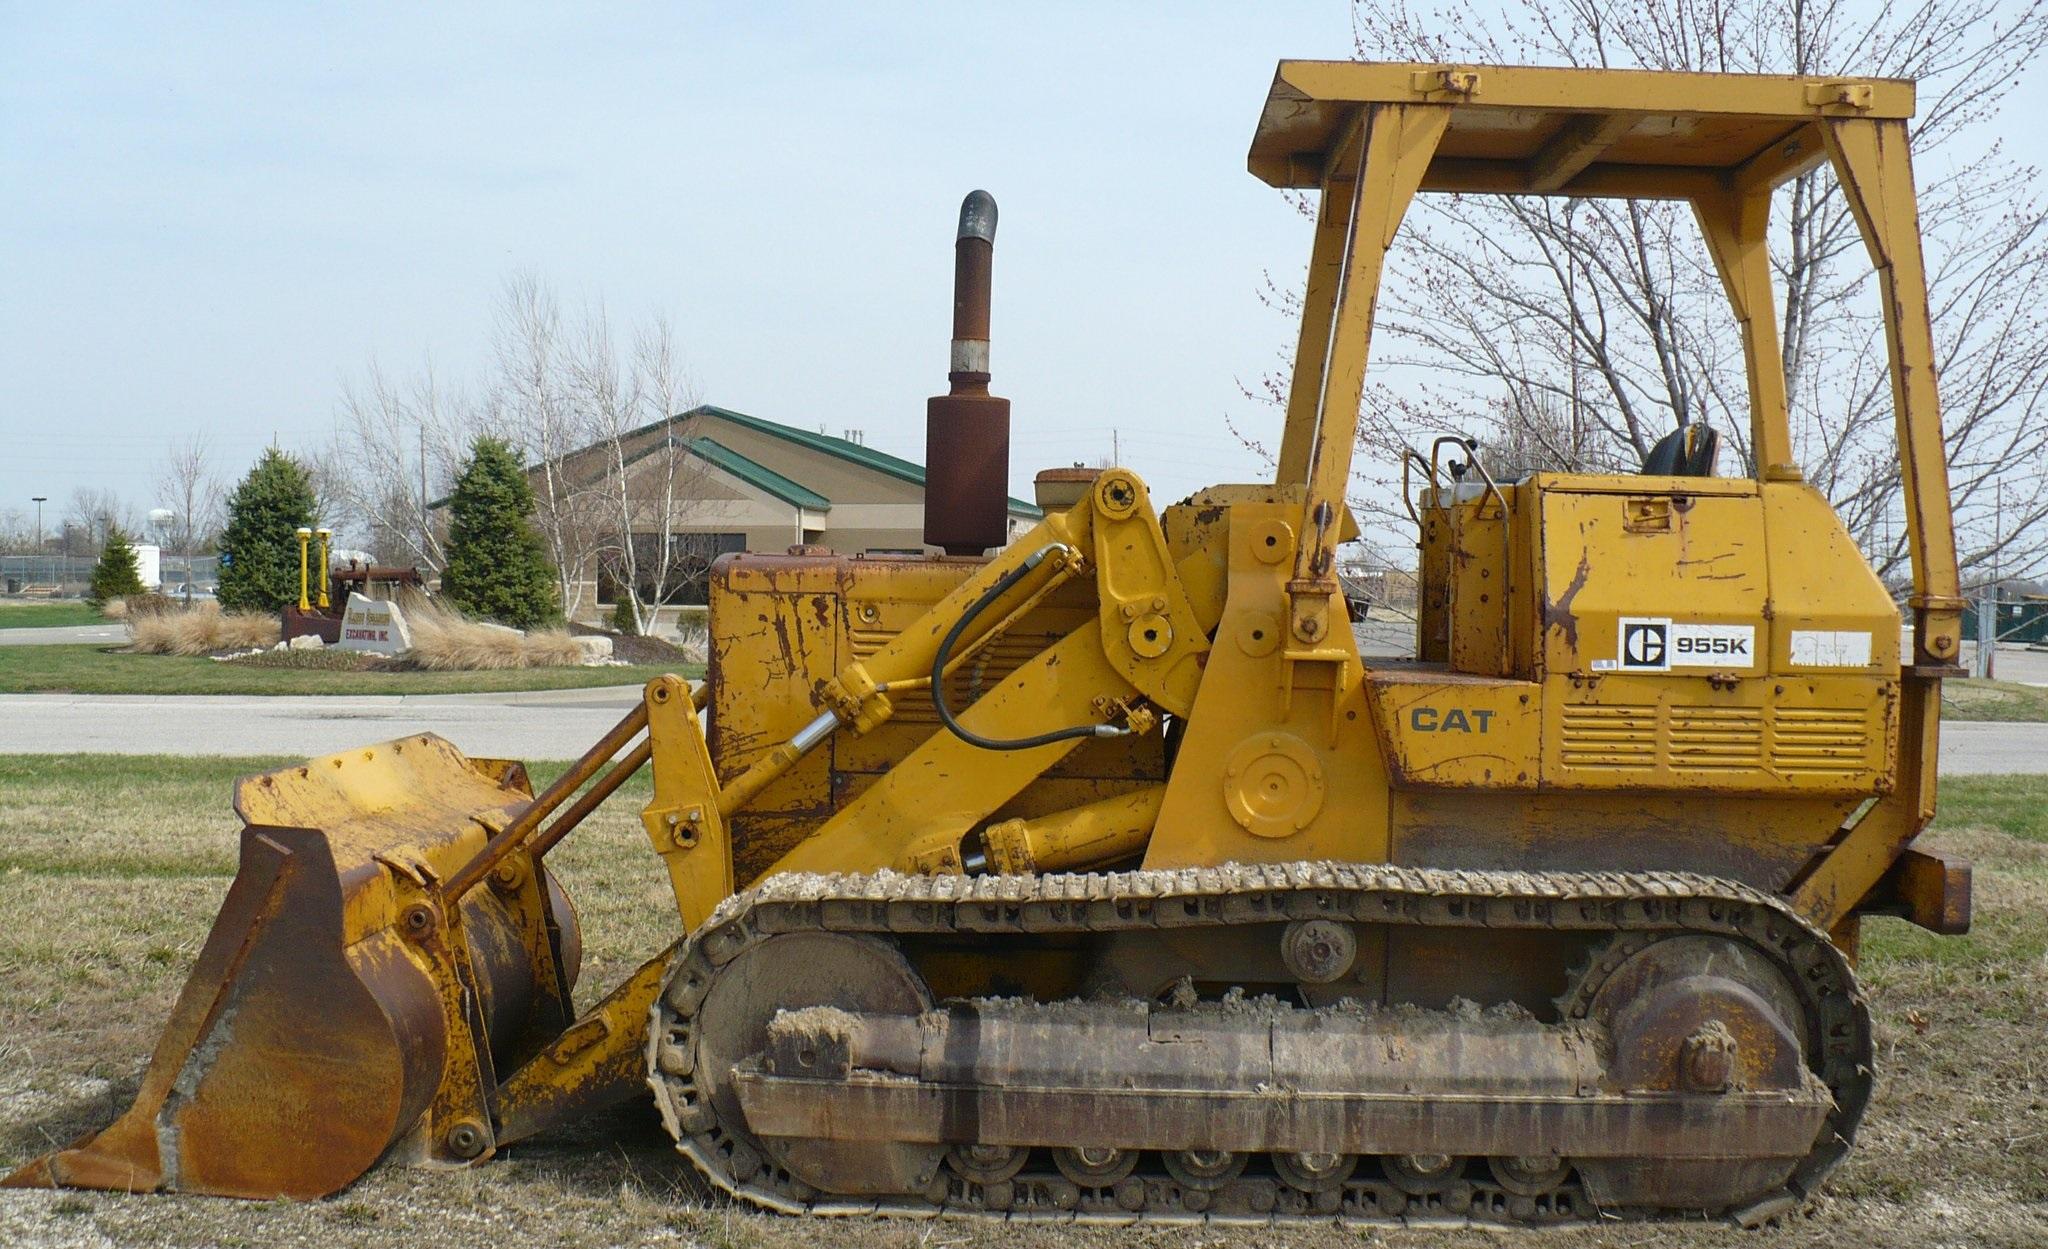 797 service manual caterpillar